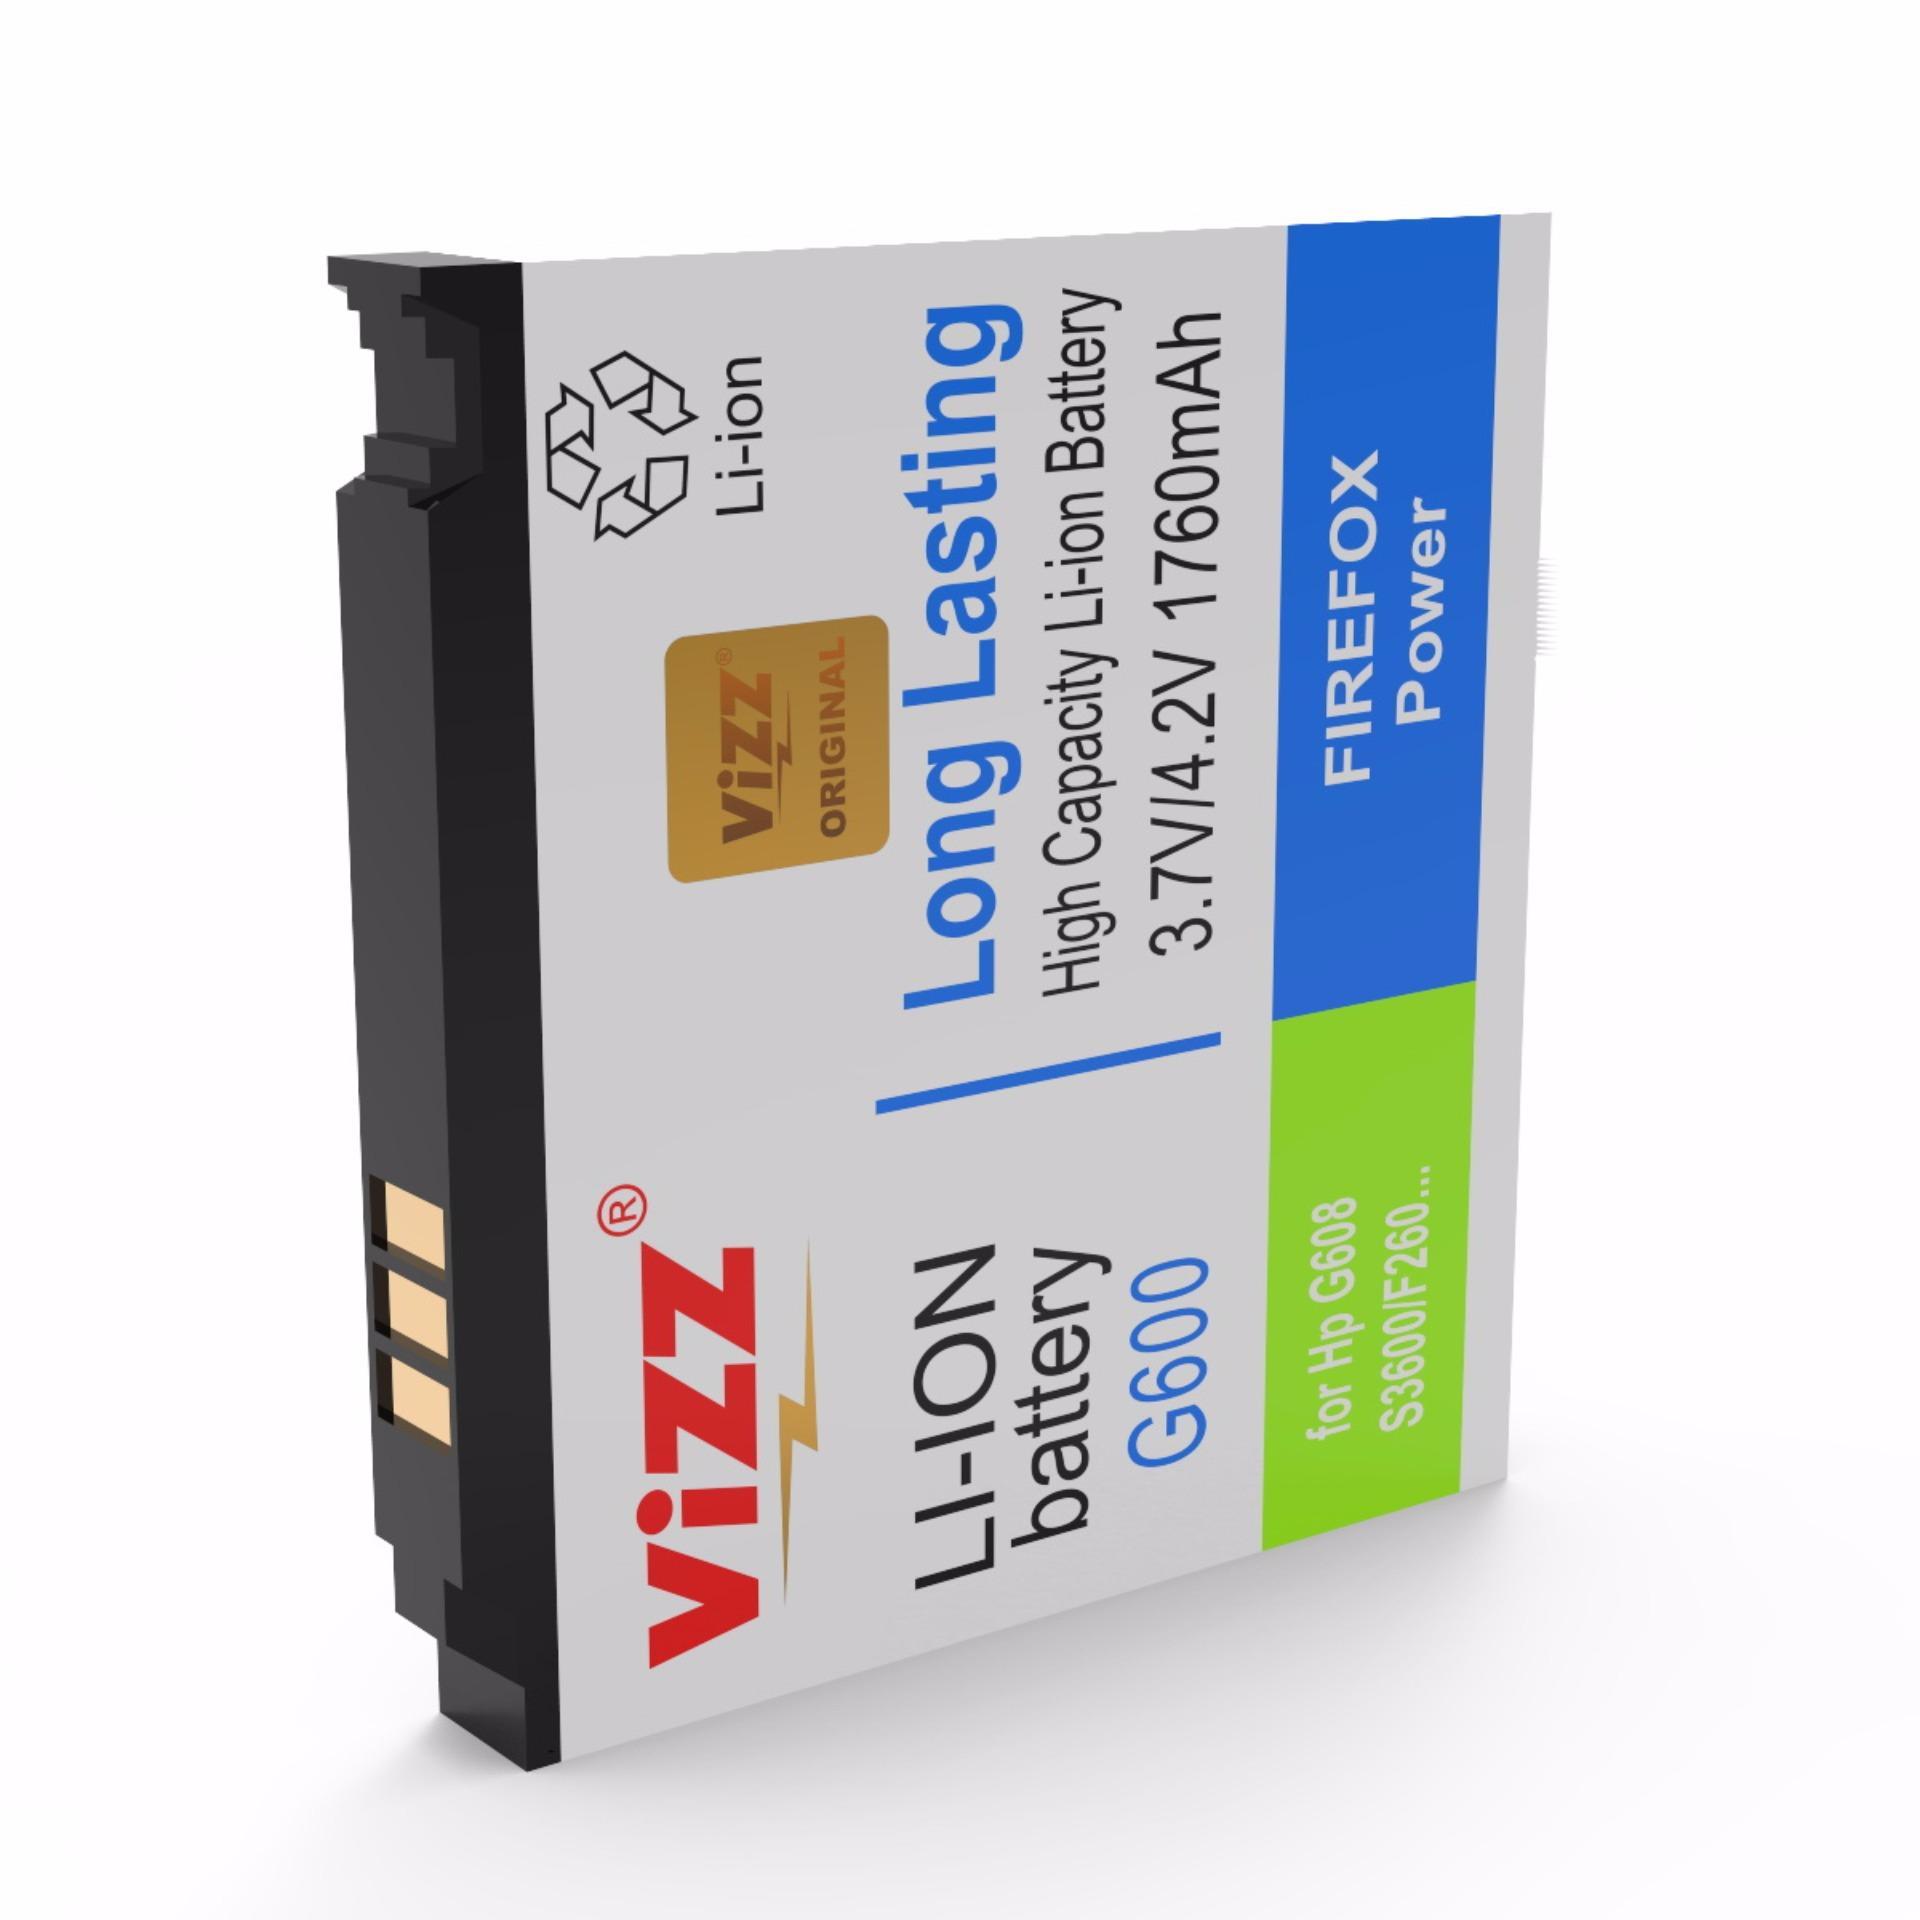 Vizz Baterai Double Power Samsung G600, G600,G608,F260,F268, J630,J638,S3600,B3310 (1760 mAh)